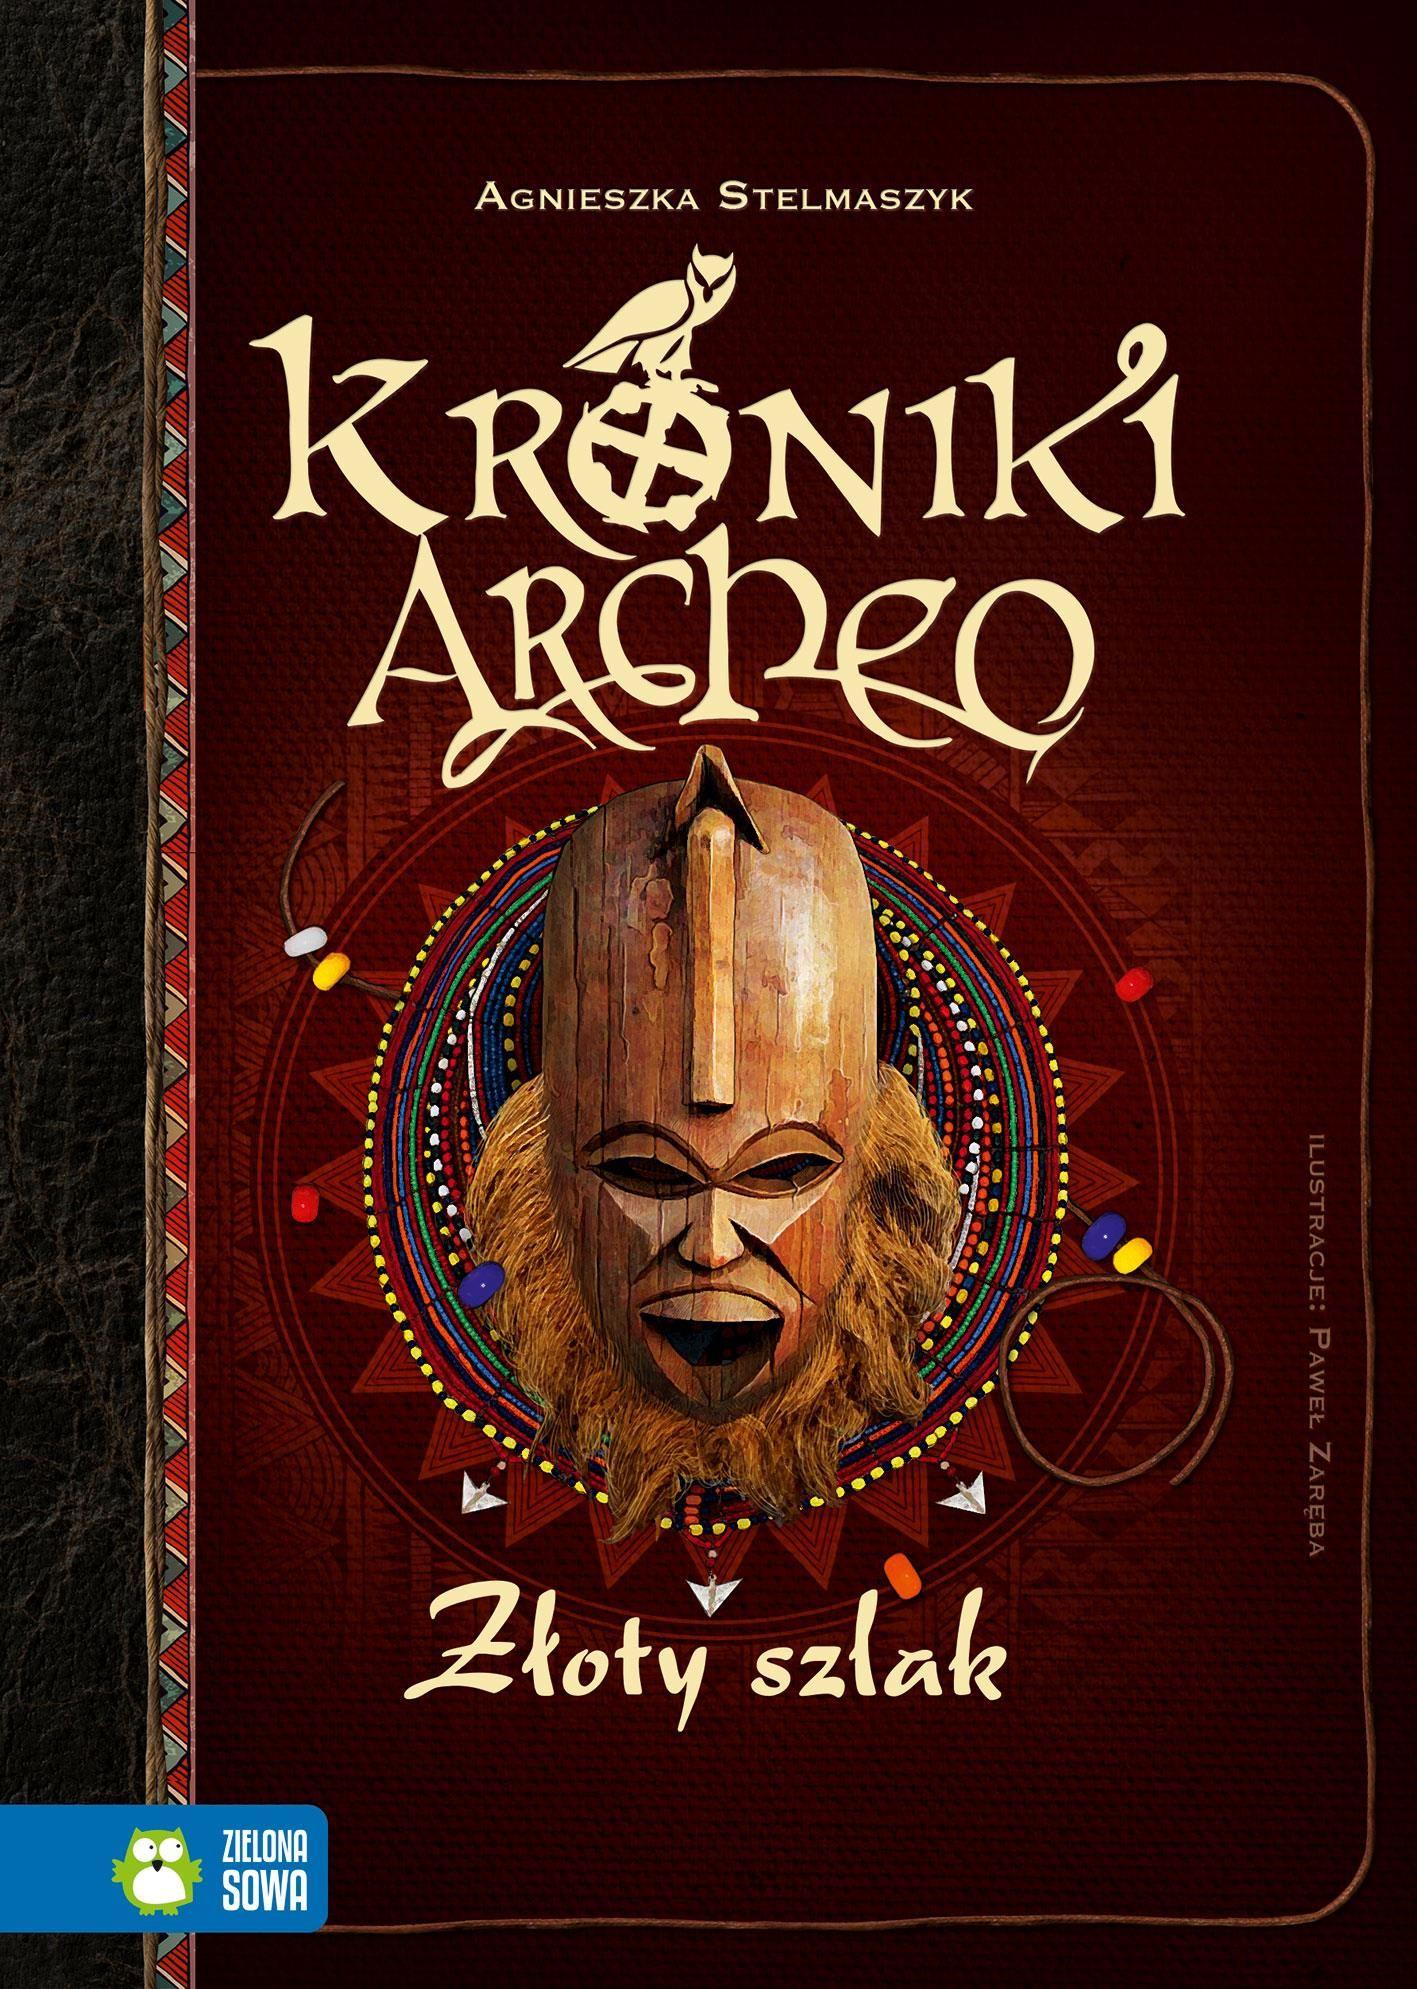 https://image.ceneostatic.pl/data/products/81581206/i-zloty-szlak-kroniki-archeo.jpg